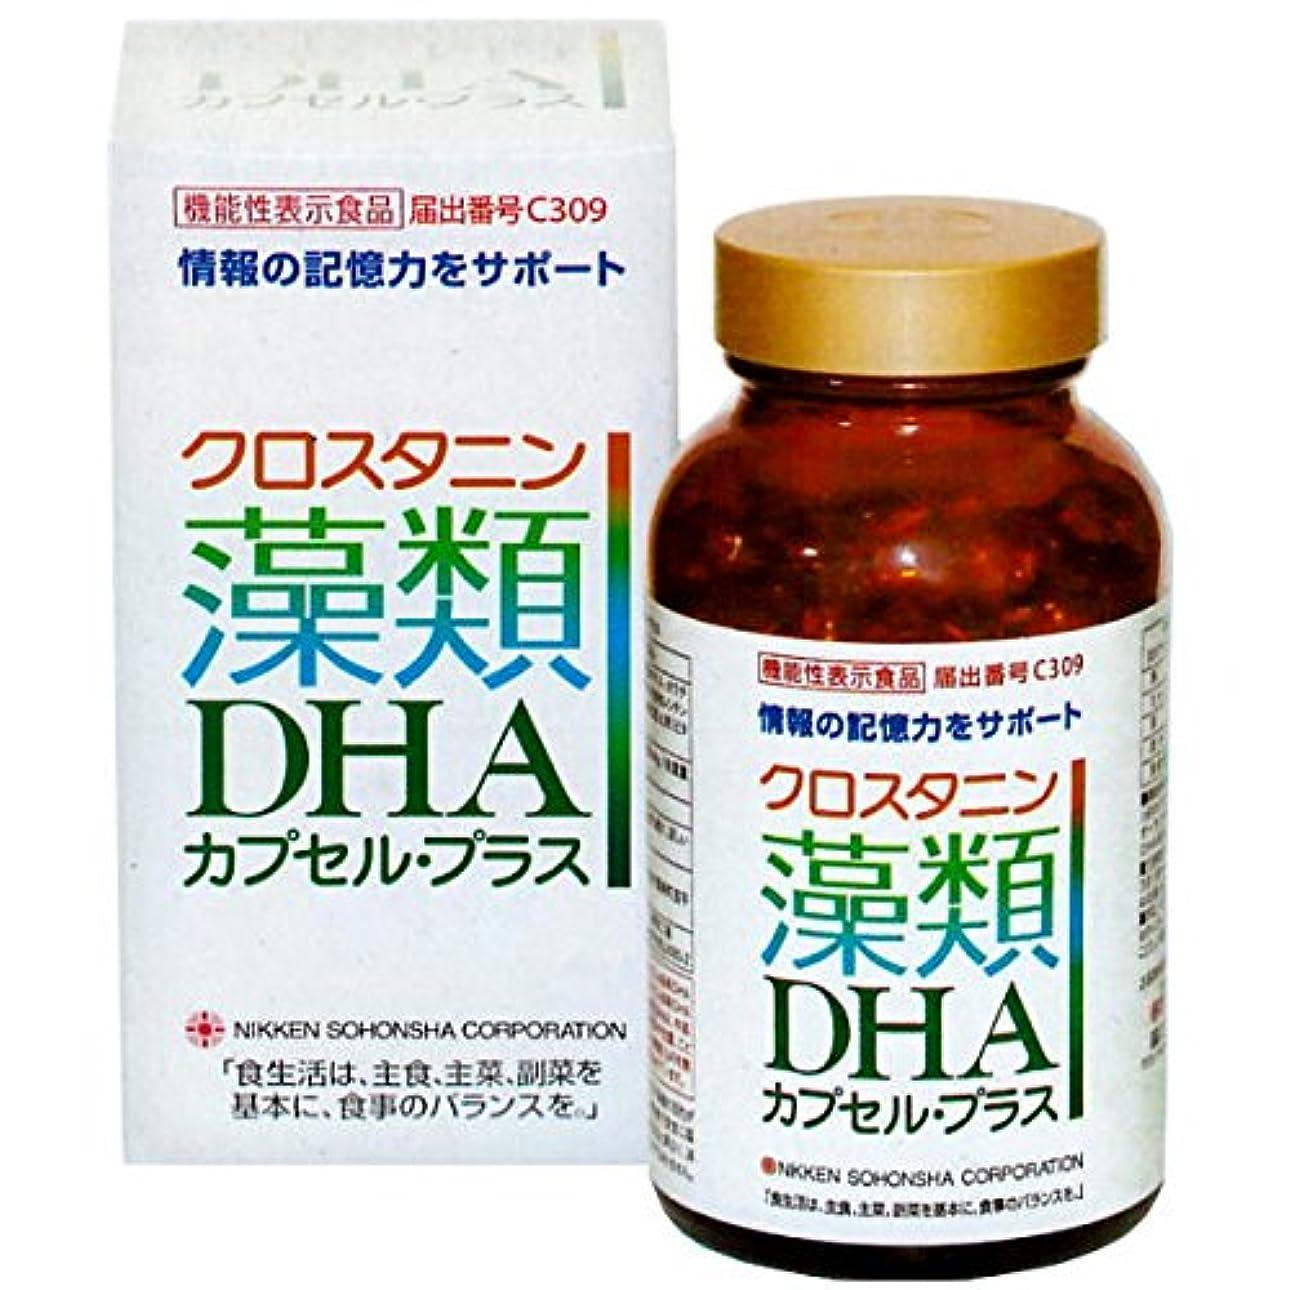 お風呂を持っているプラス補充クロスタニン 藻類DHAカプセル?プラス [機能性表示食品] 45日分 270粒